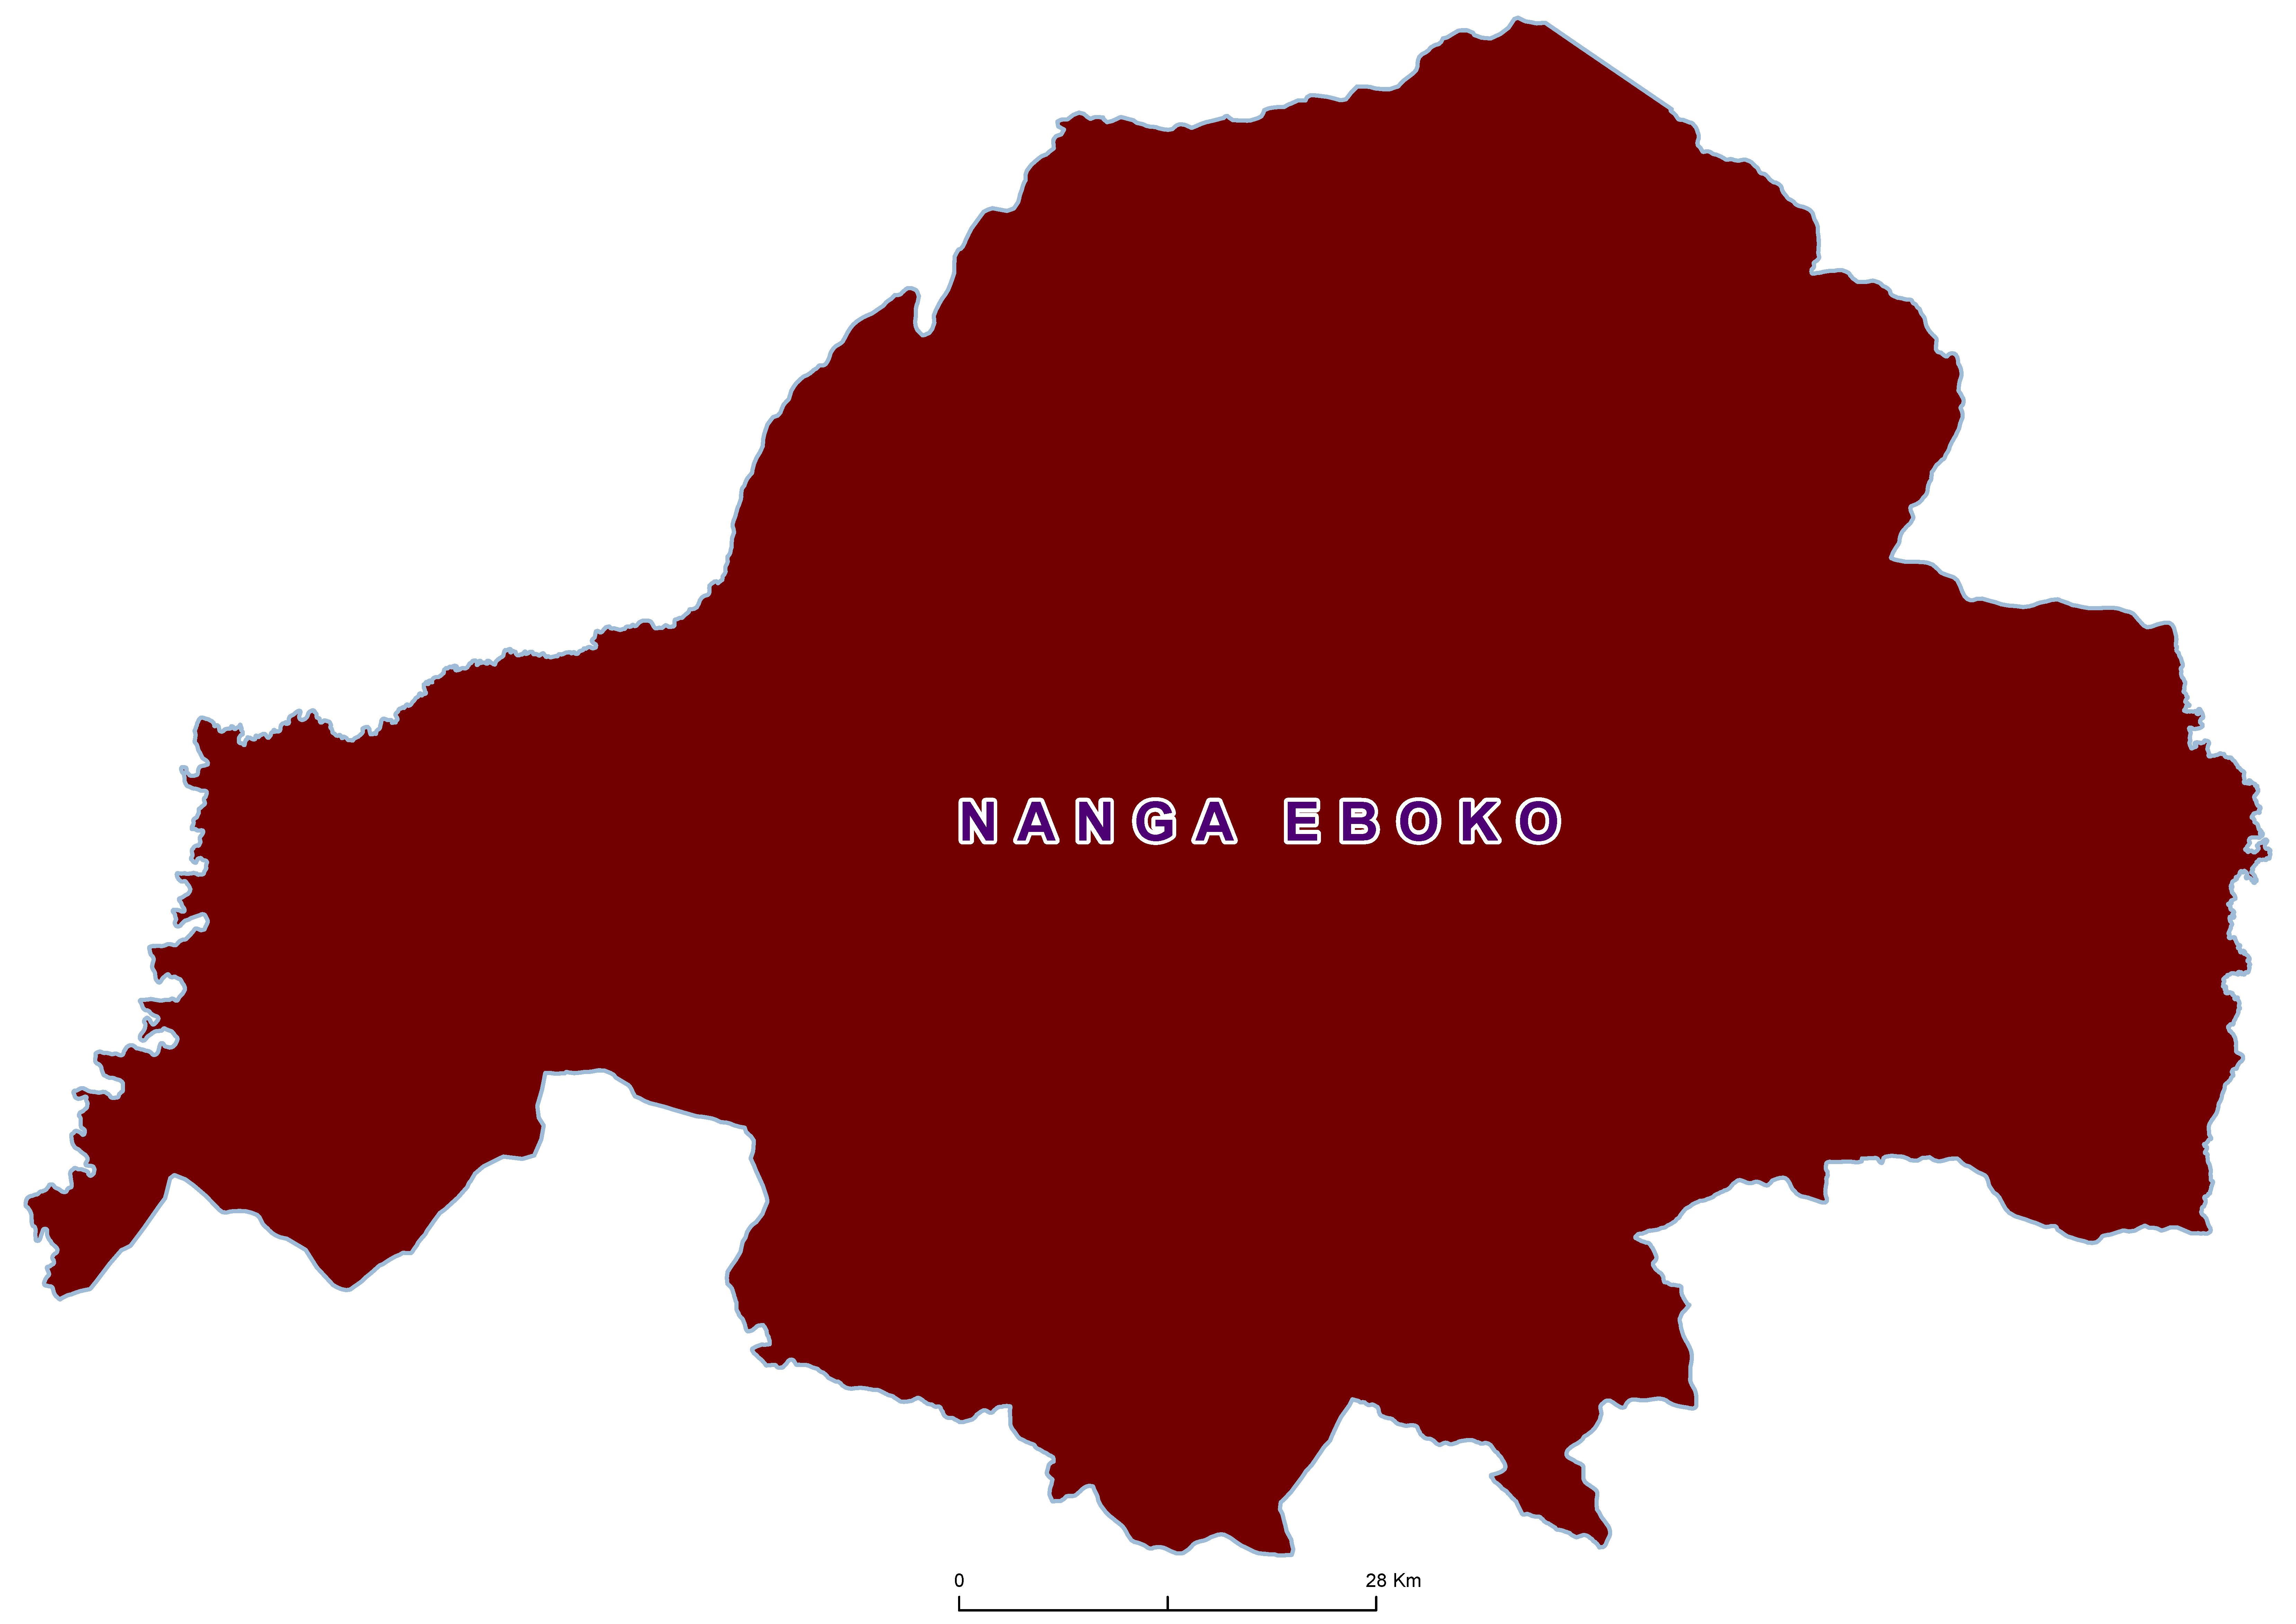 Nanga eboko Mean STH 19850001